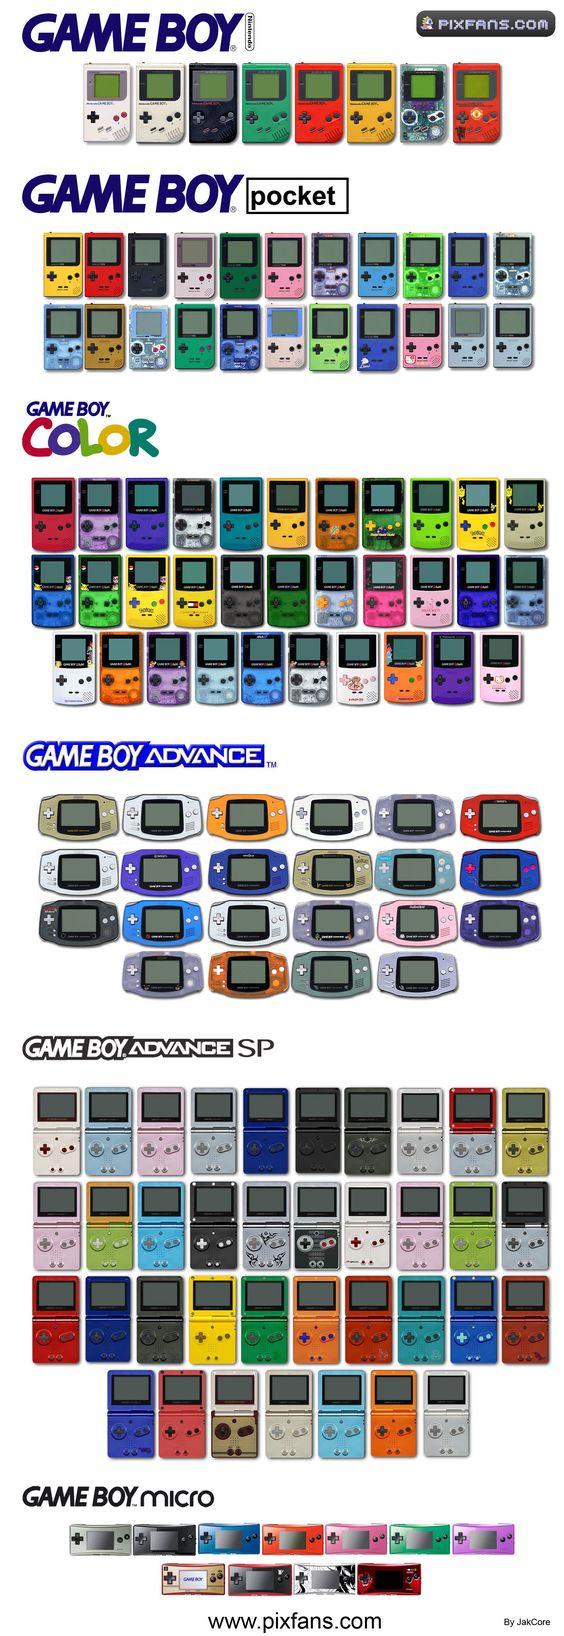 La Gameboy de Nintendo, sortie en France à partir de 1990.  La console portable la plus vendue au monde avec près de 120 millions d'exemplaire.